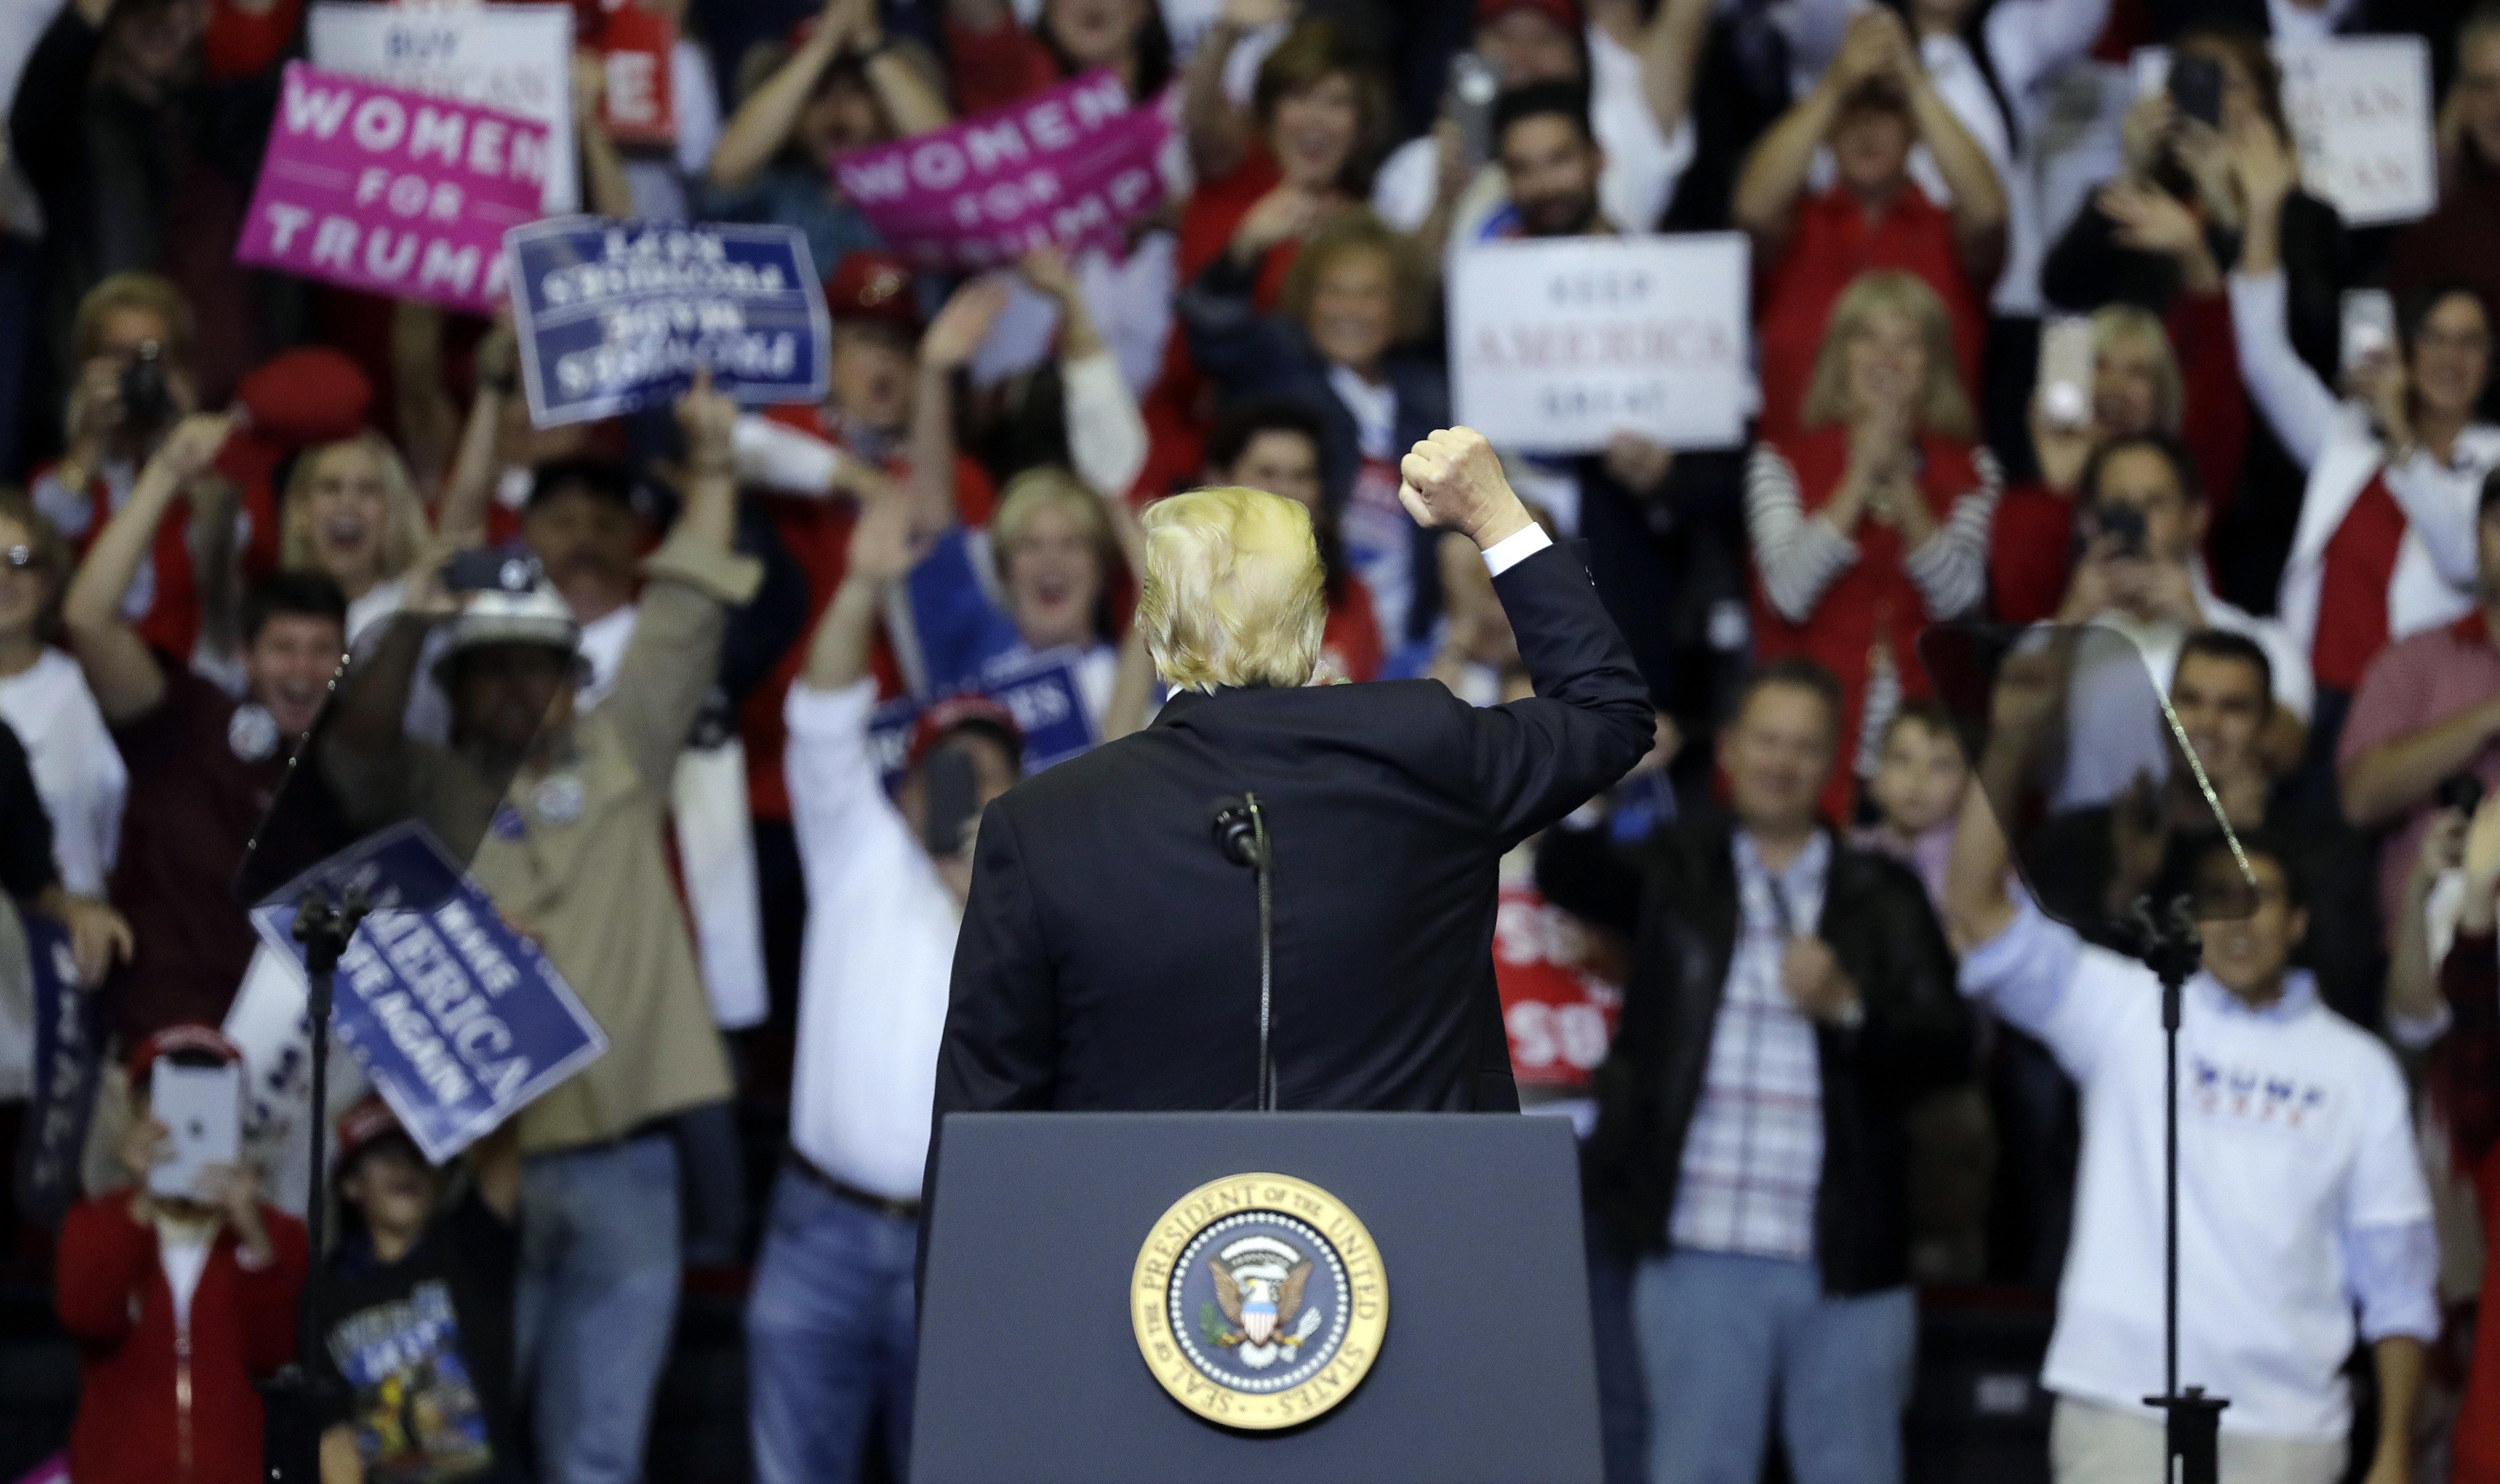 중간선거를 앞두고 트럼프의 지지율이 역대 최고를